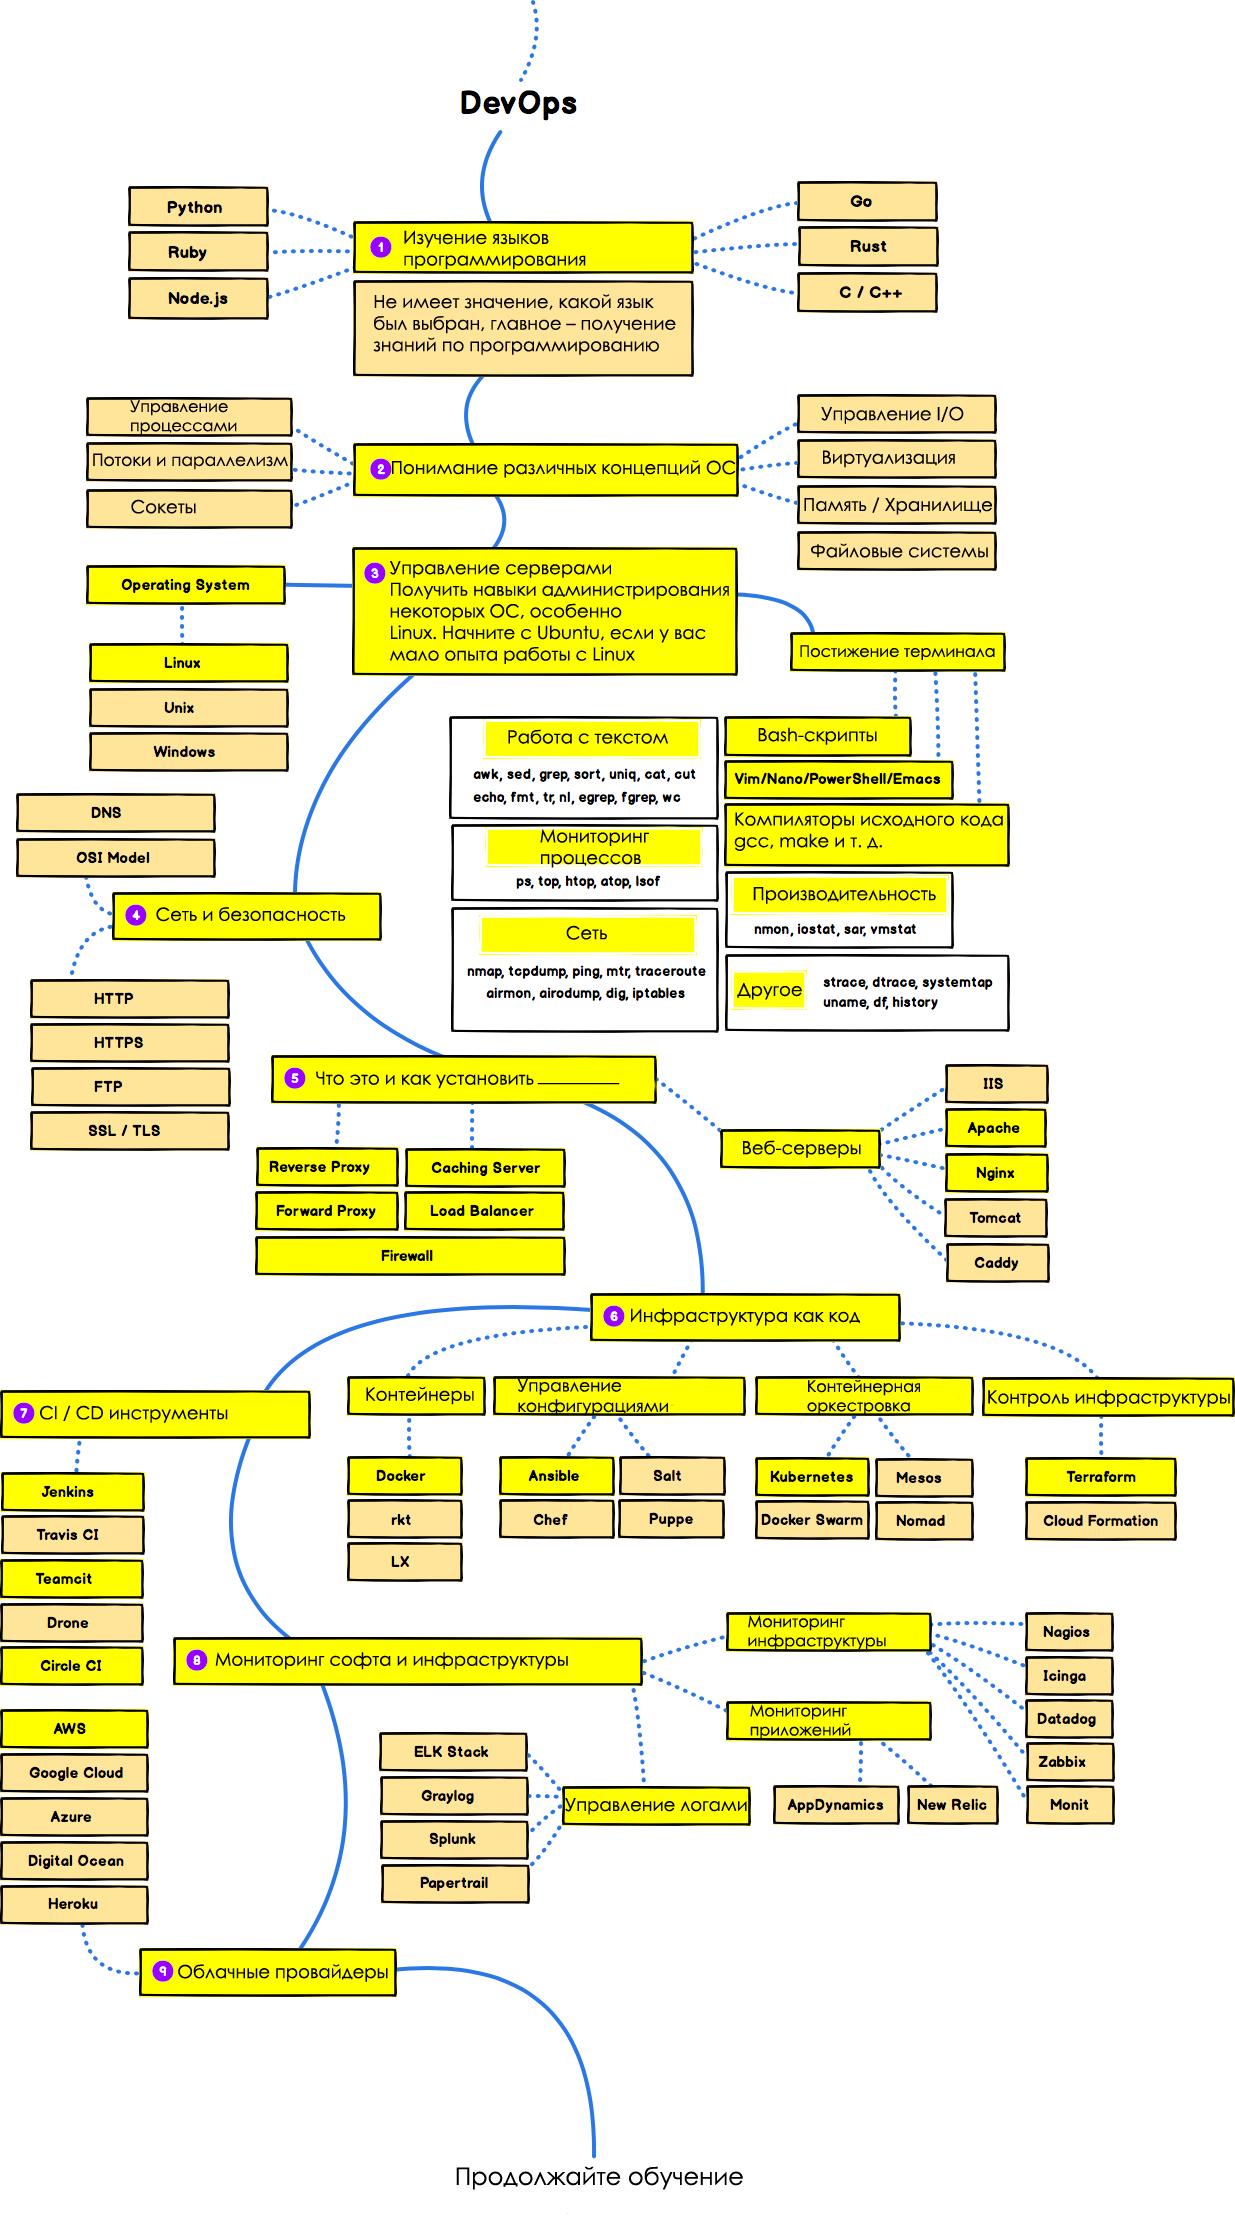 Схема успешного развития DevOps